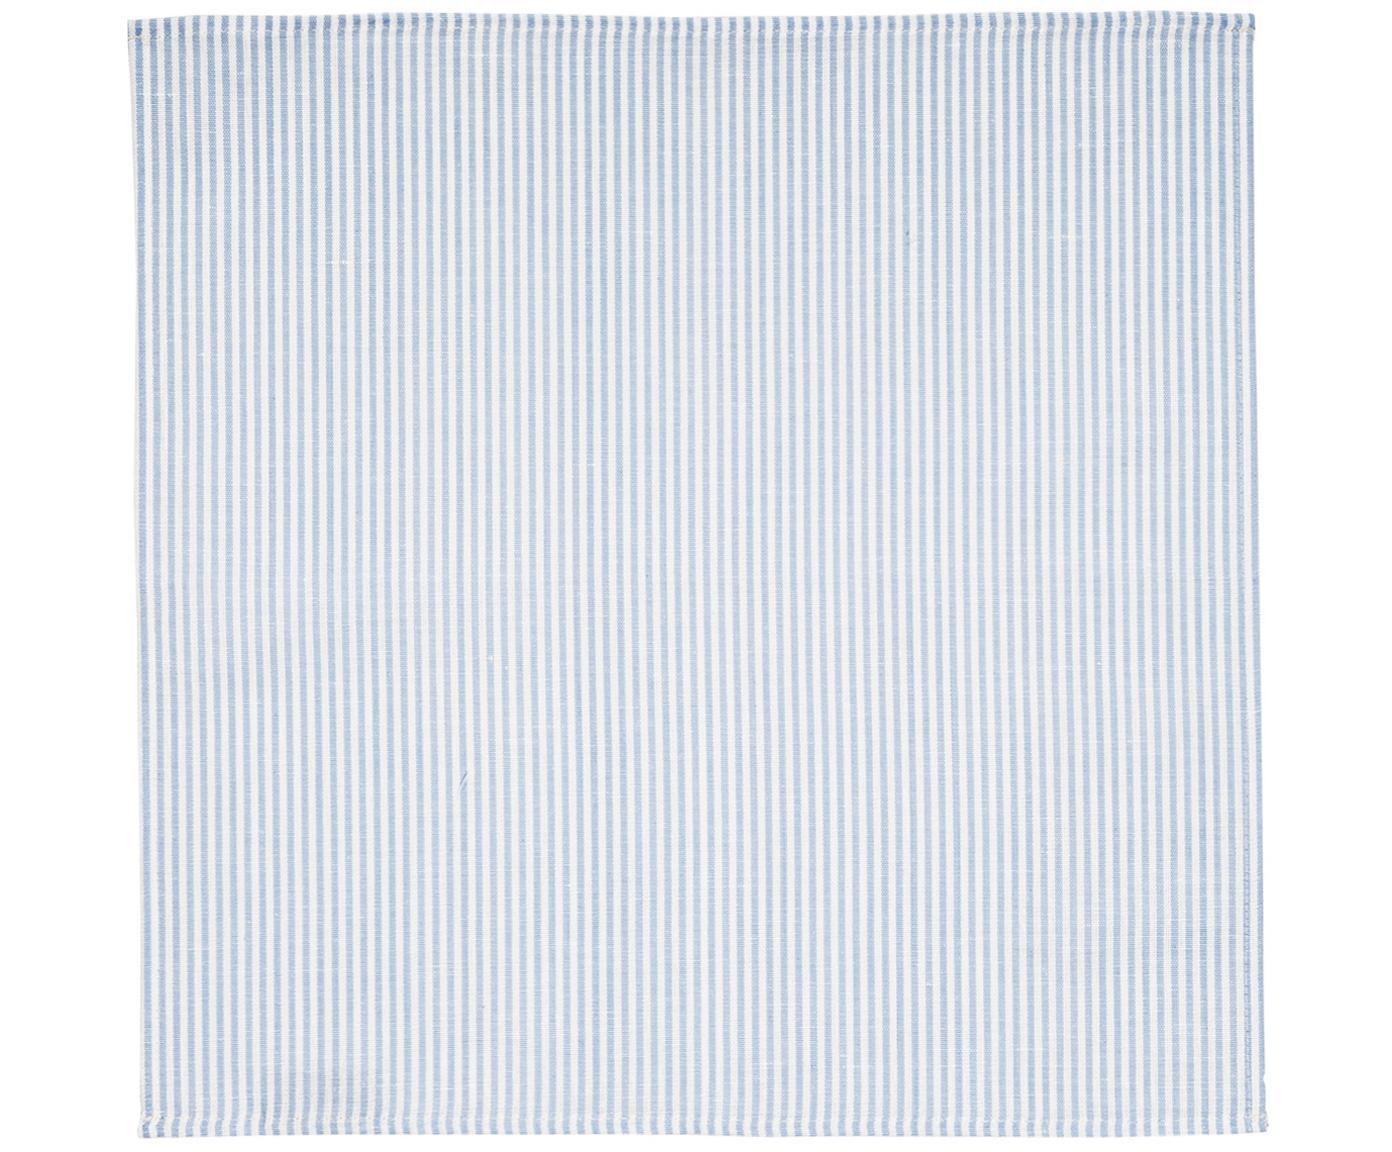 Stoff-Servietten Streifen aus Halbleinen, 6 Stück, Weiß, Hellblau, 45 x 45 cm